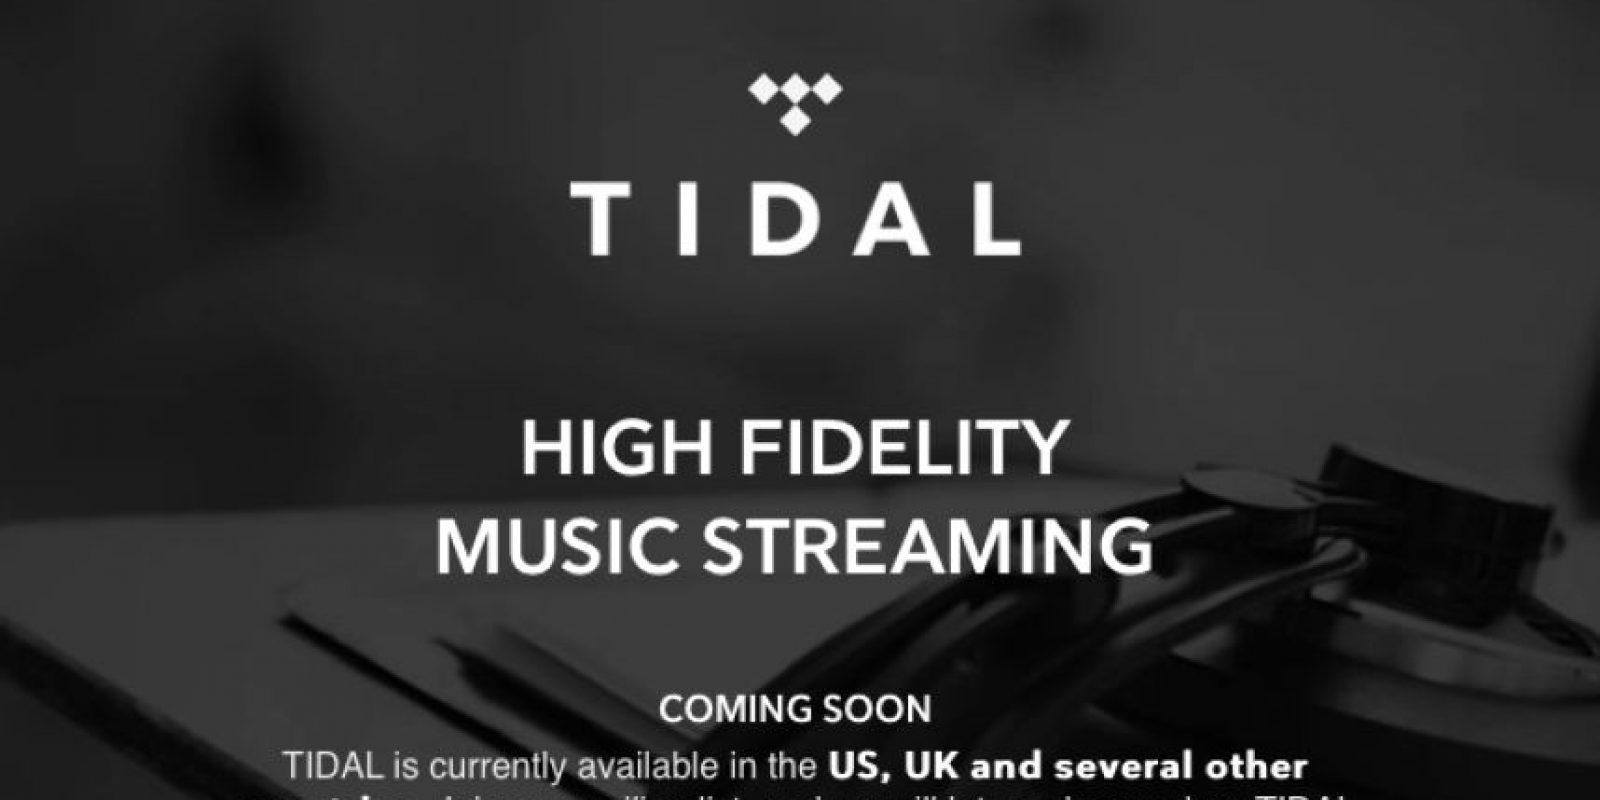 Tidal tiene un costo por sus servicios de 19.99 dólares mensuales. Foto:tidal.com